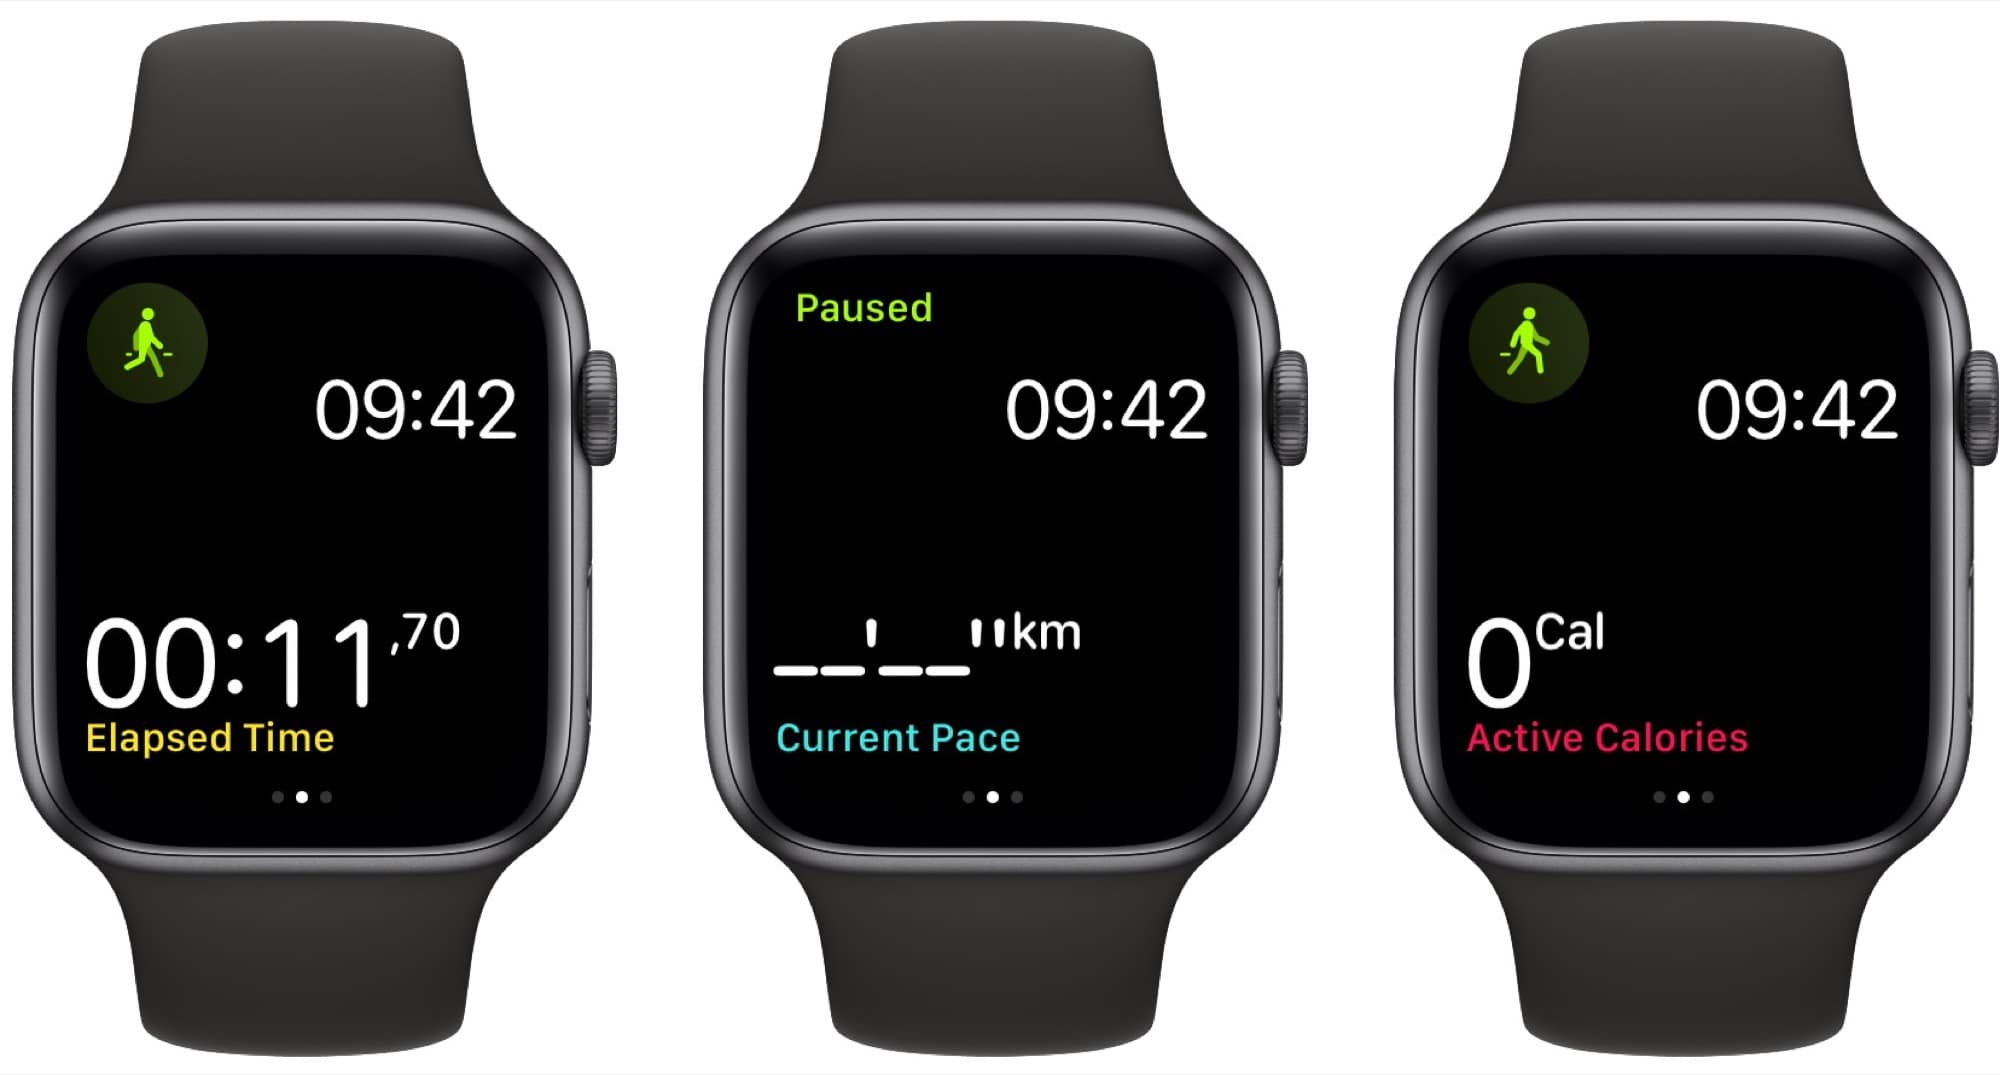 Apple Watch in Single Metric mode.